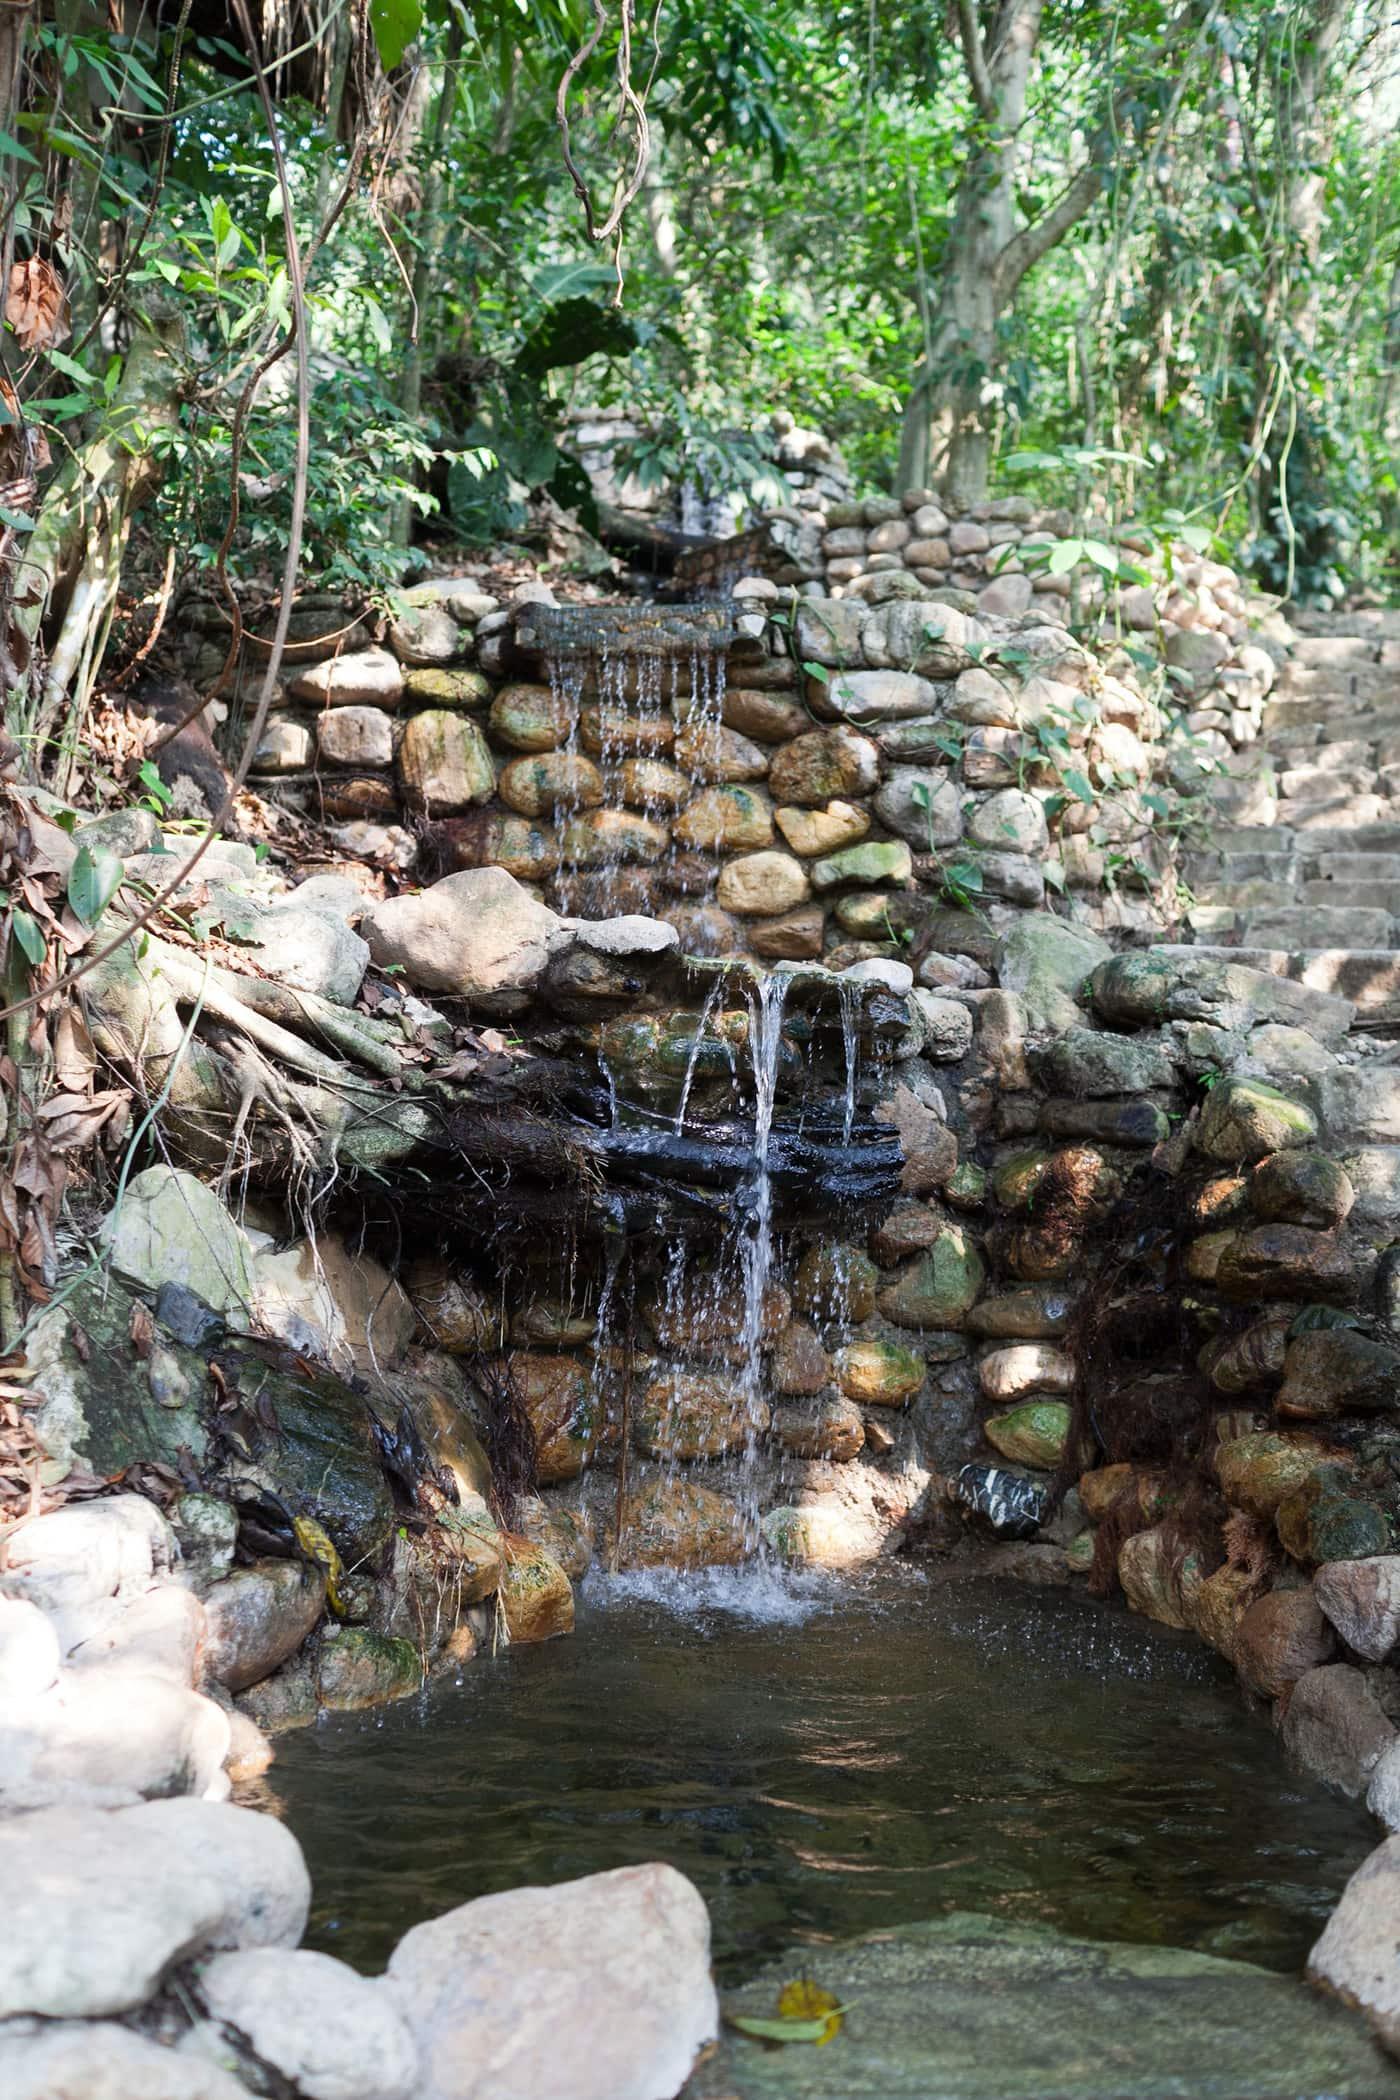 Hot springs in Copan Ruinas, Honduras